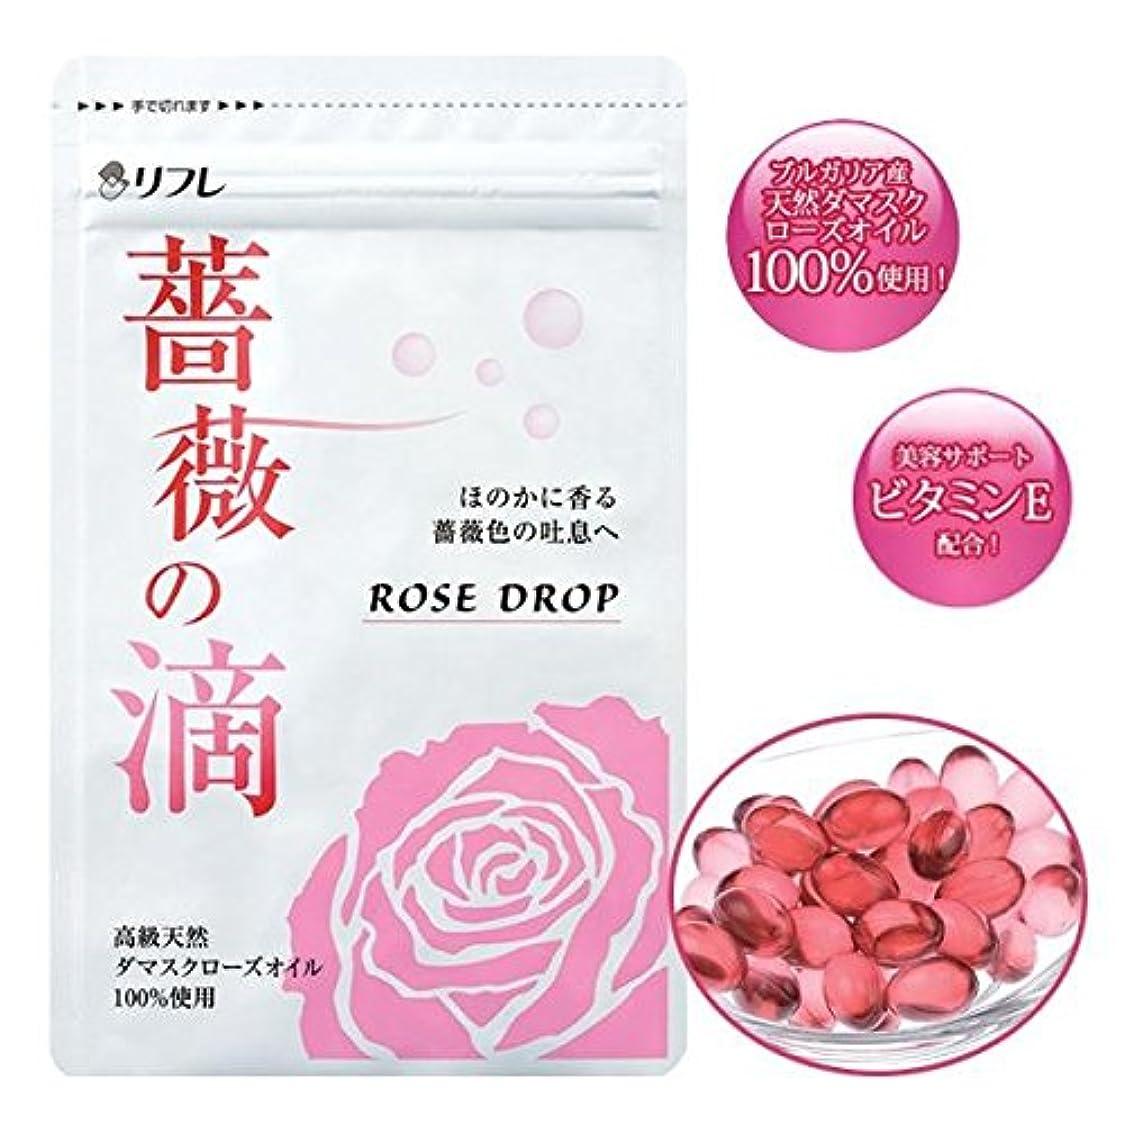 方程式クレデンシャル消化器リフレ ローズサプリ 薔薇の滴(ばらのしずく) 1袋62粒(約1ヵ月分) 日本製 Japan